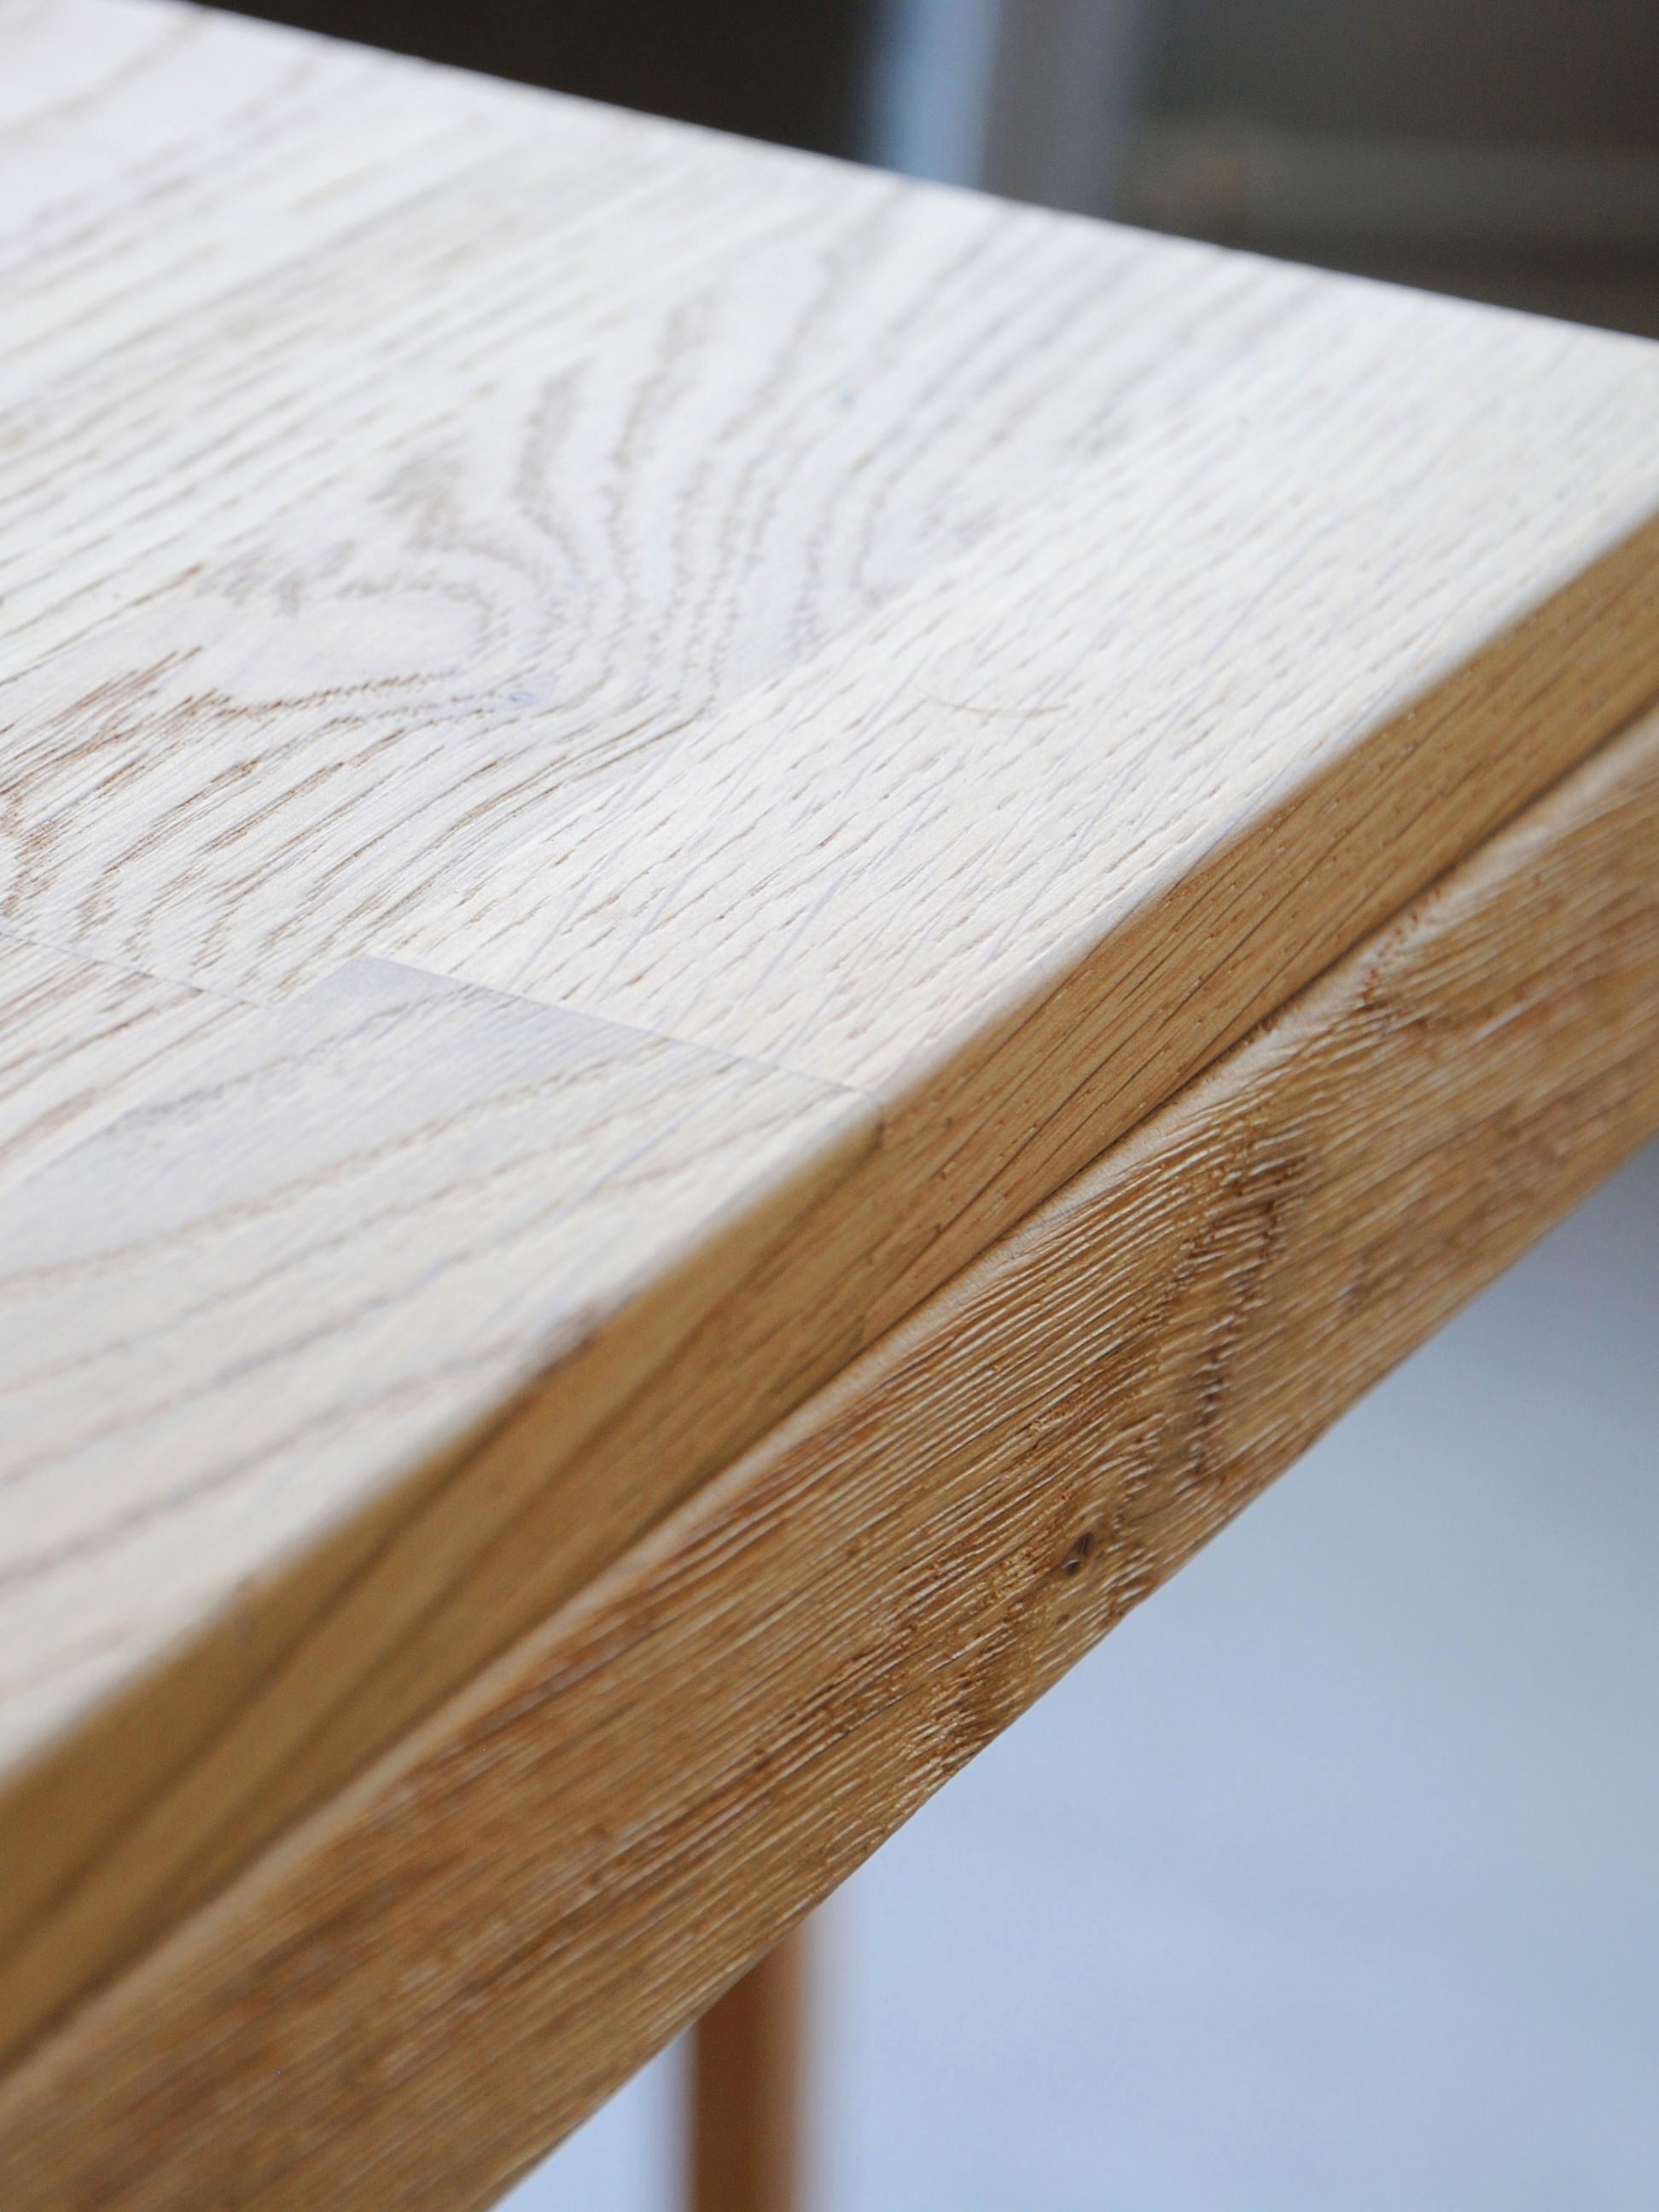 Verlängerbarer Massivholz Esstisch Brooklyn aus Eiche, Massives Eichenholz, gebürstet und klar lackiert, Eichenholz, B 170 bis 220 x T 95 cm